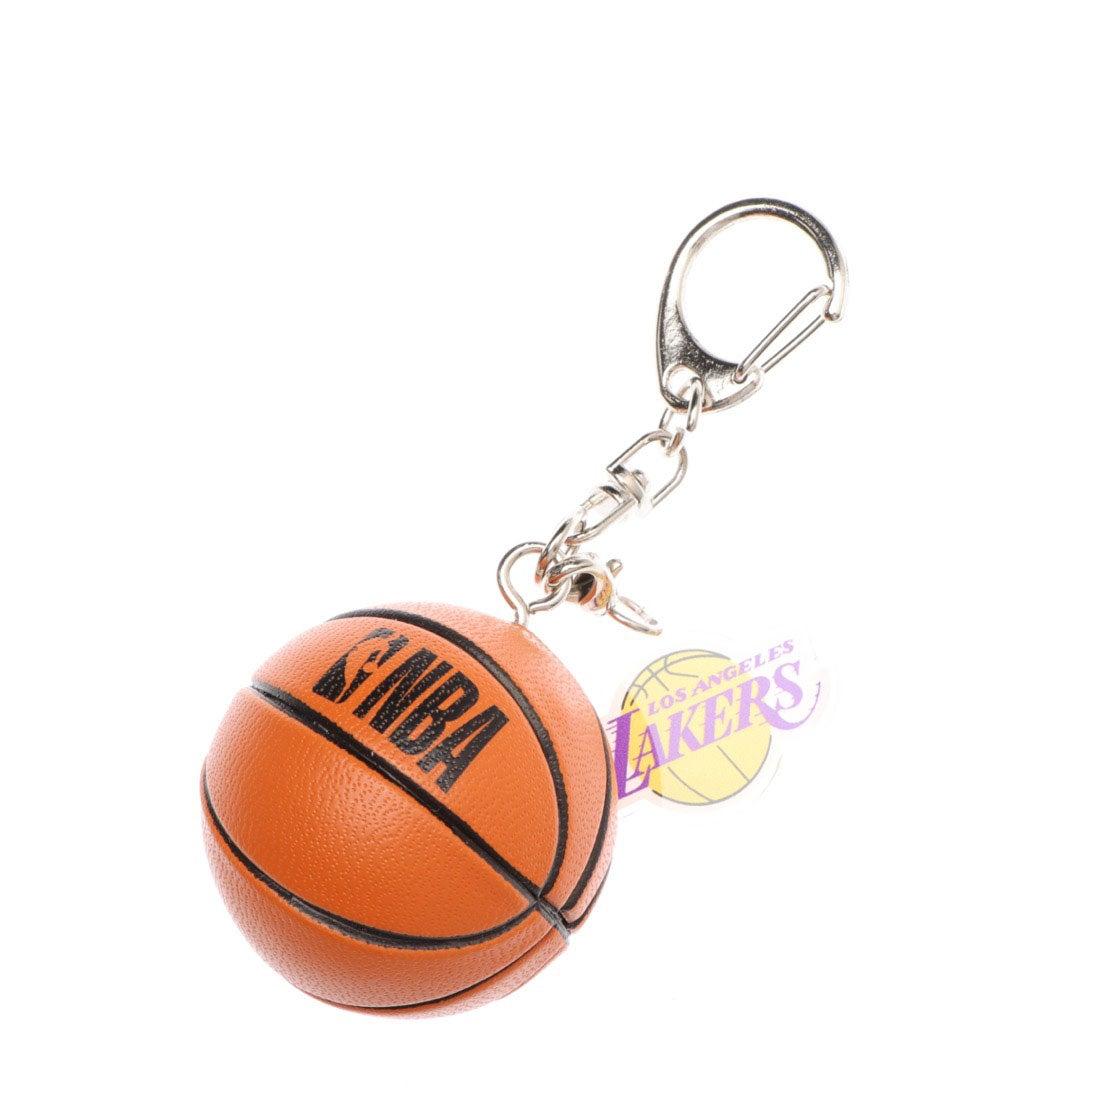 ロコンド 靴とファッションの通販サイトアルペンセレクト Alpen select バスケットボール ウェア/小物 ボール型キーホルダー LAKERS NBA34275